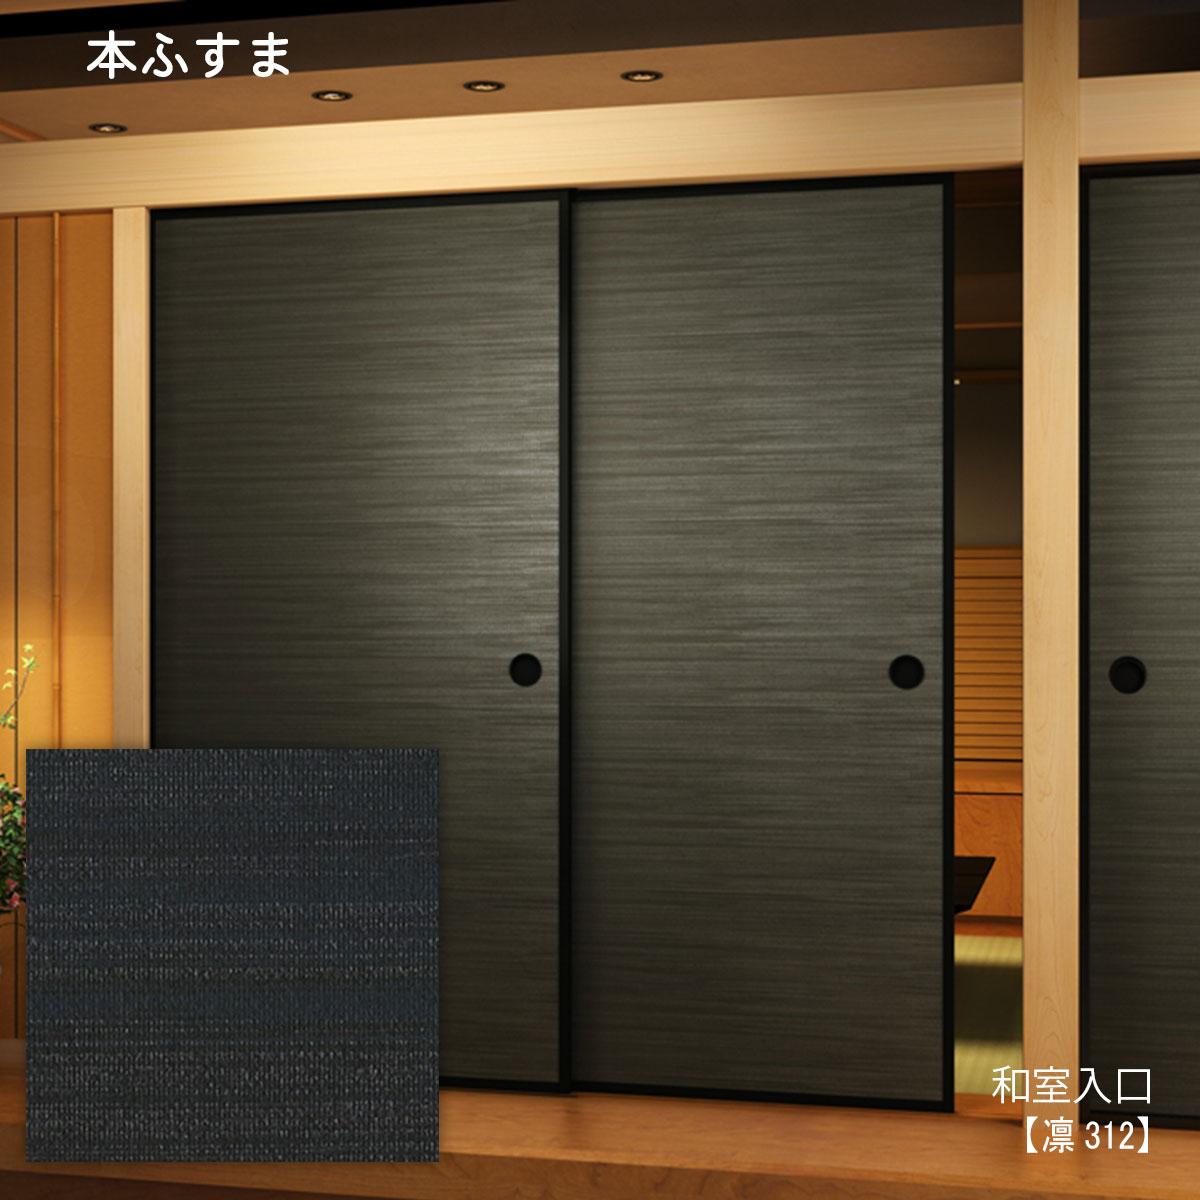 本ふすま 和室入口 凛312 h1911 2100mm ふすまリメイク 襖